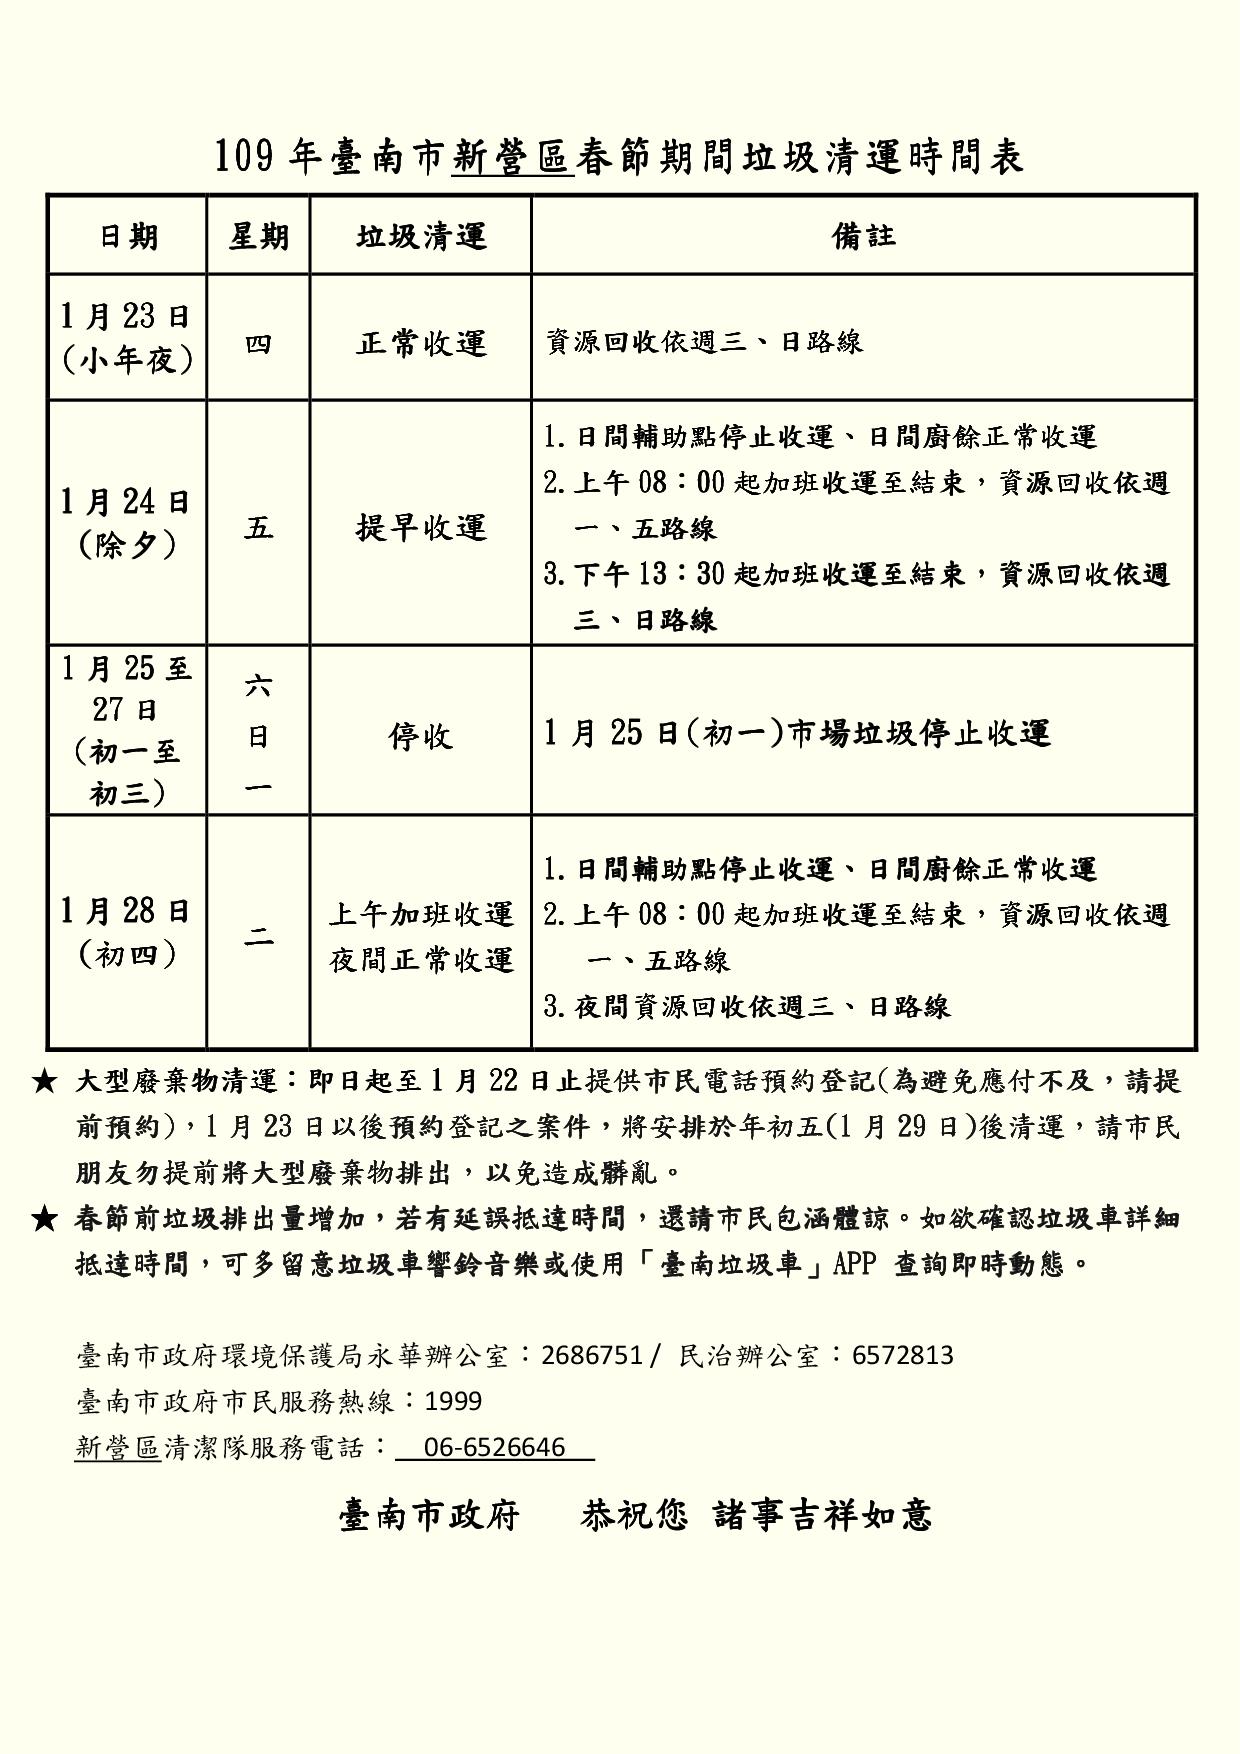 109年臺南市新營區春節期間垃圾清運時間表(更正版)